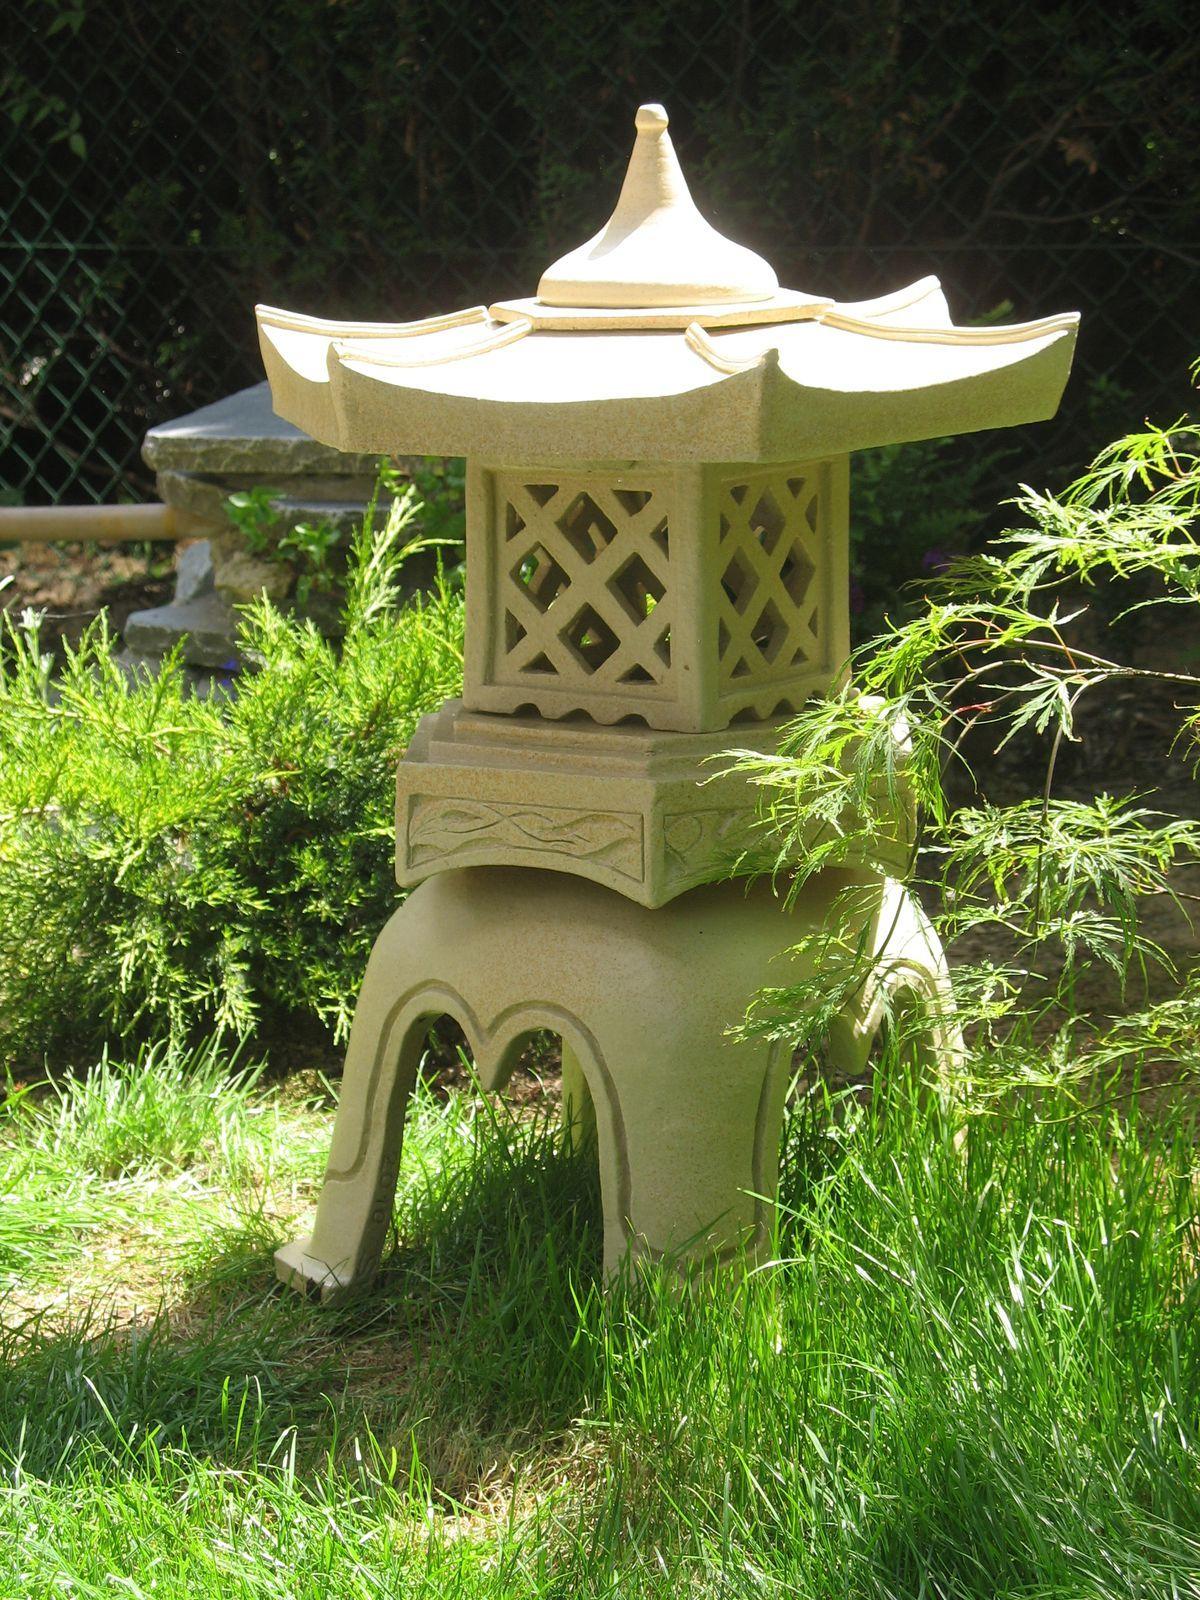 Épinglé Par Cindy Vannerom Sur Bac À Fleur   Lanterne ... tout Lanterne Japonaise Jardin